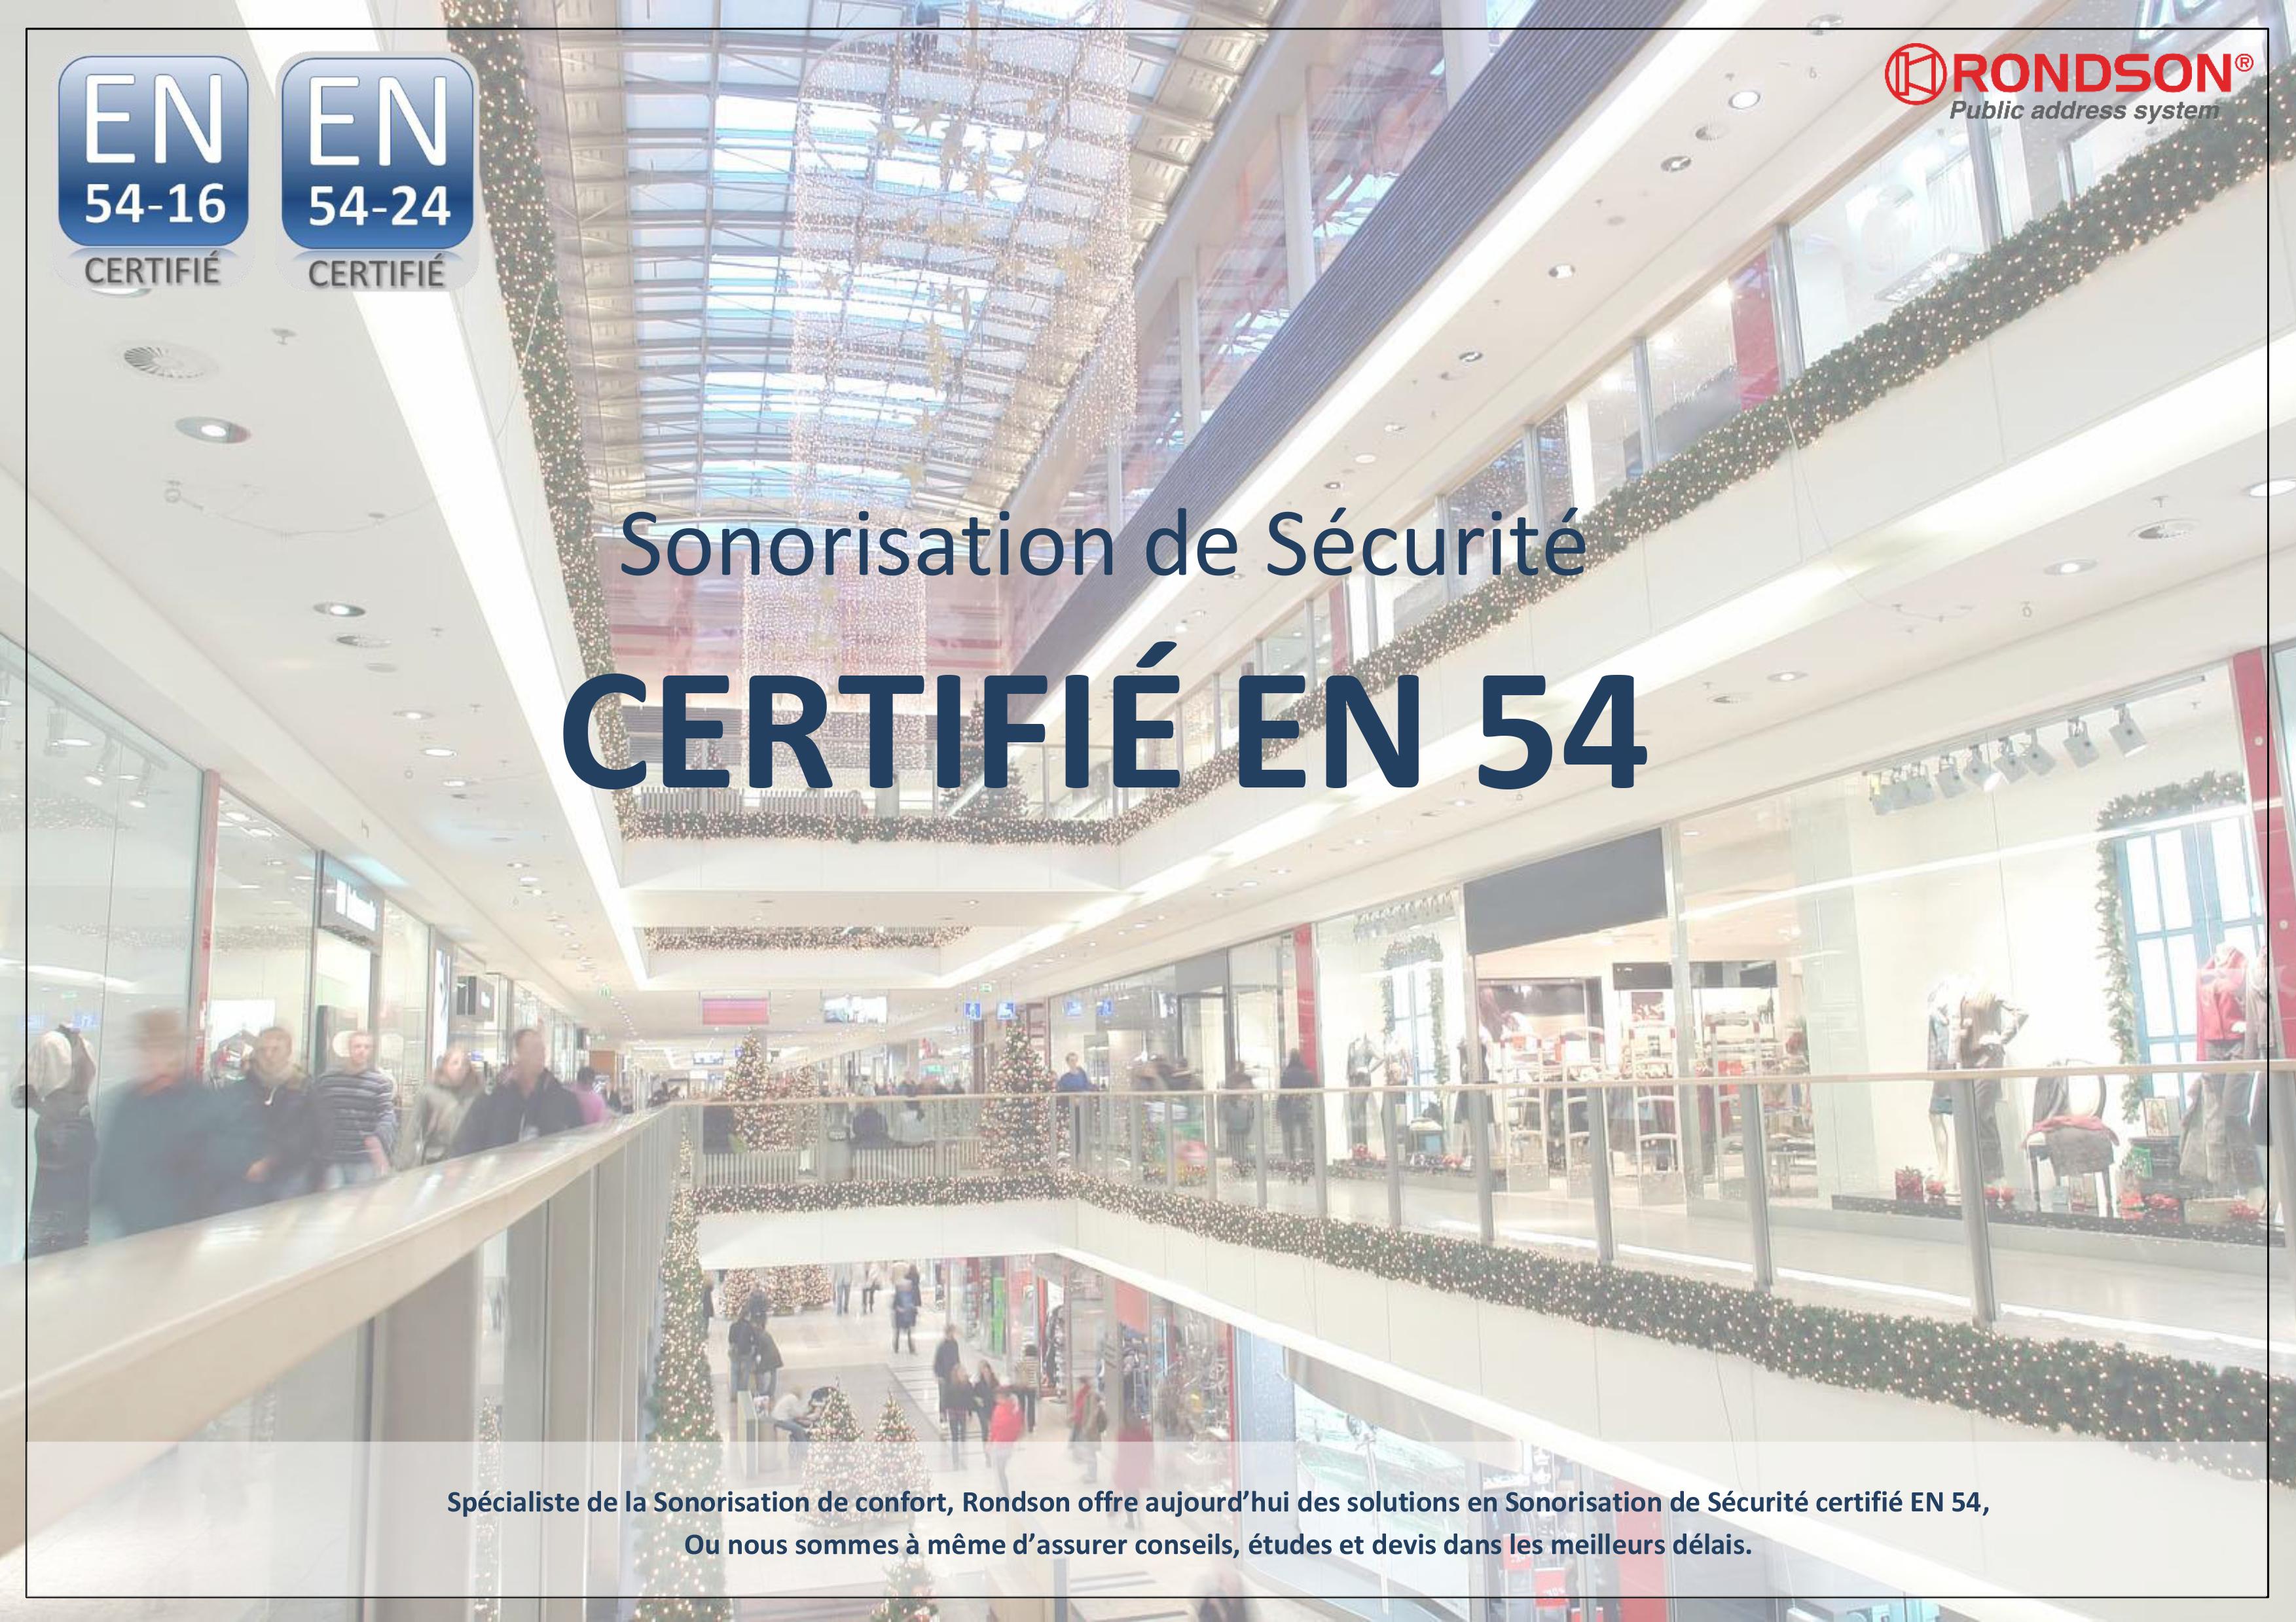 Sonorisation de sécurité EN 54